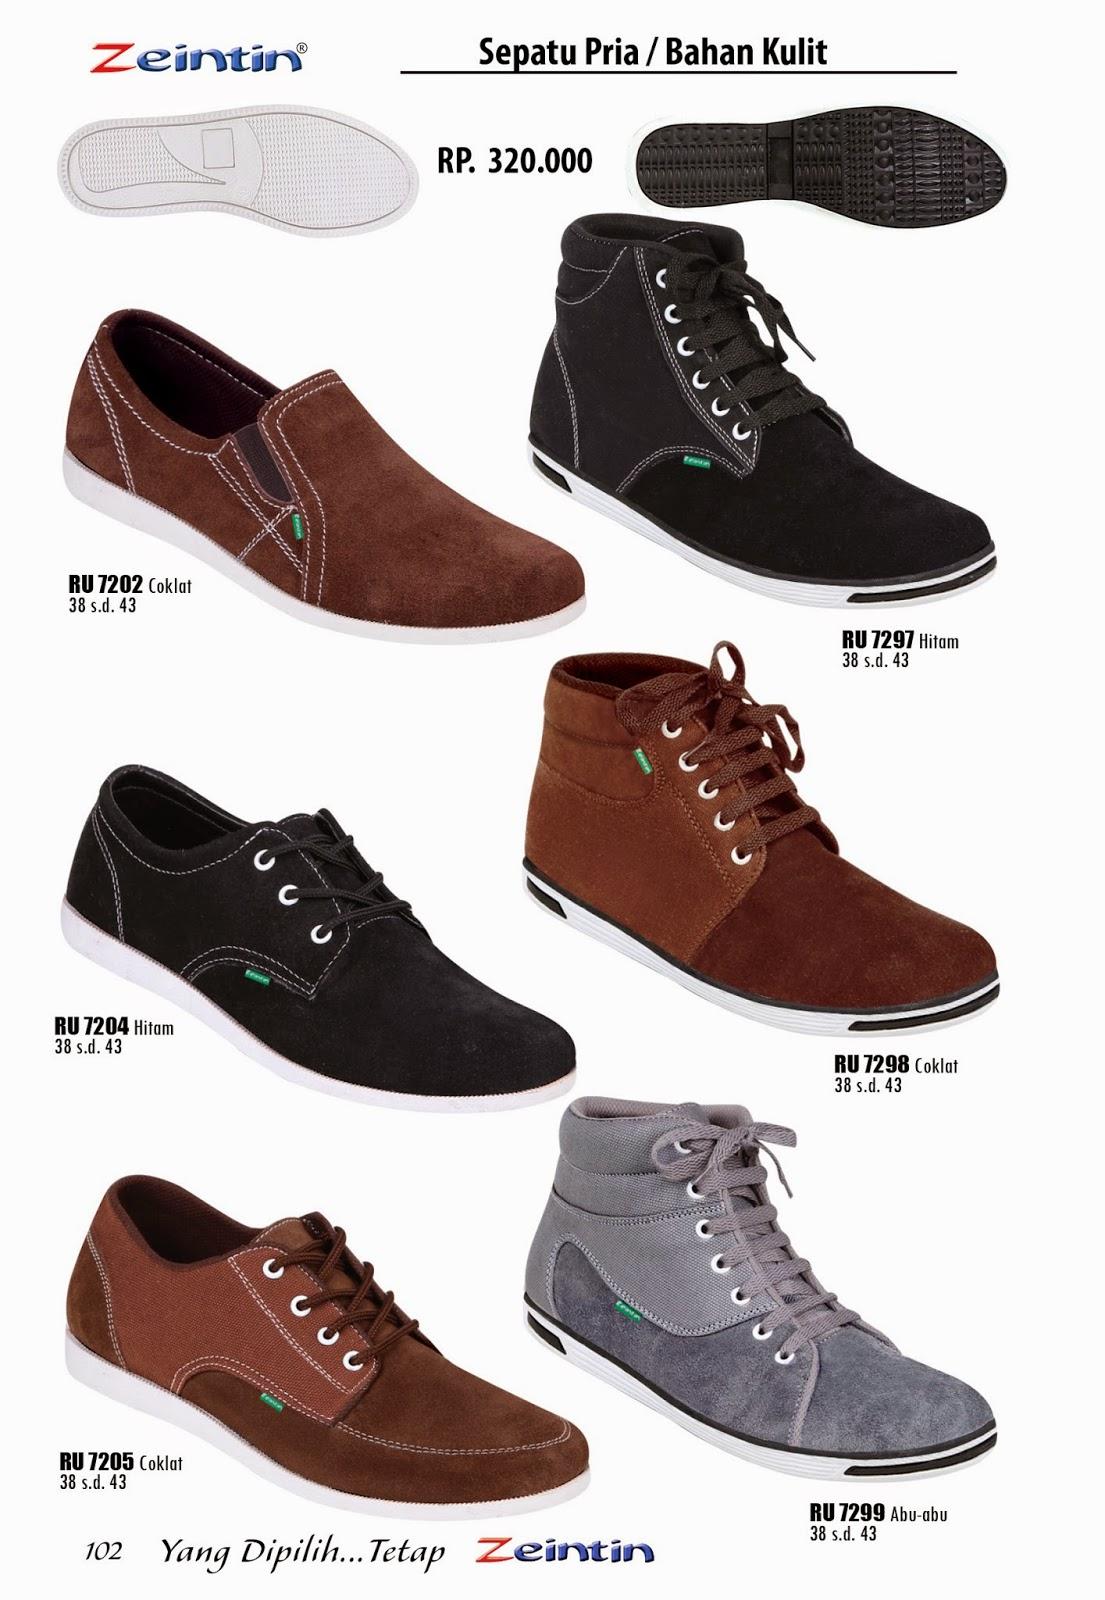 Sepatu Kulit Pria Zeintin